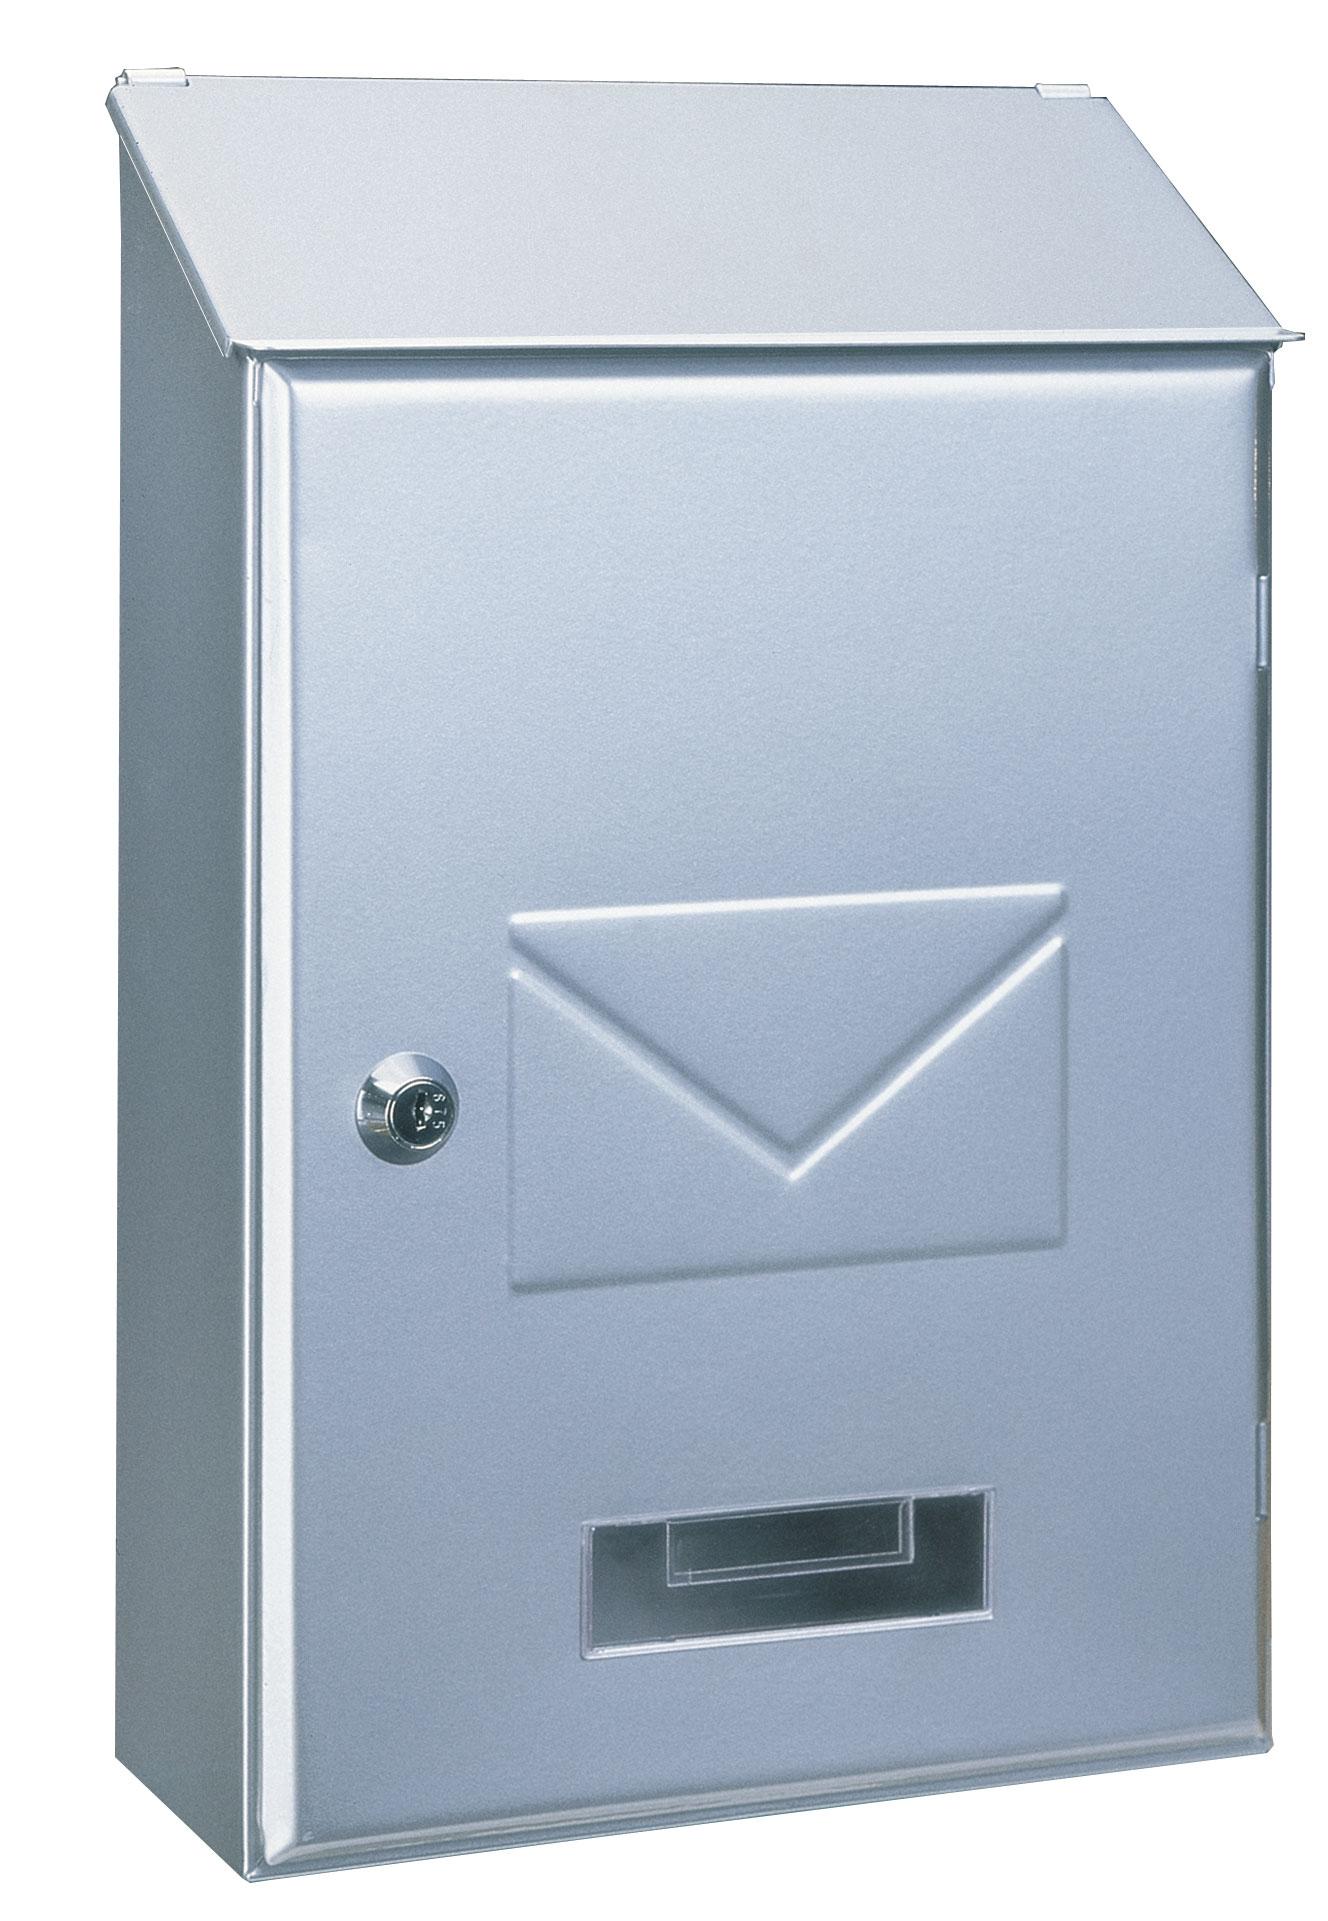 Rottner Briefkasten Pisa silber 360x230x90mm Bild 1